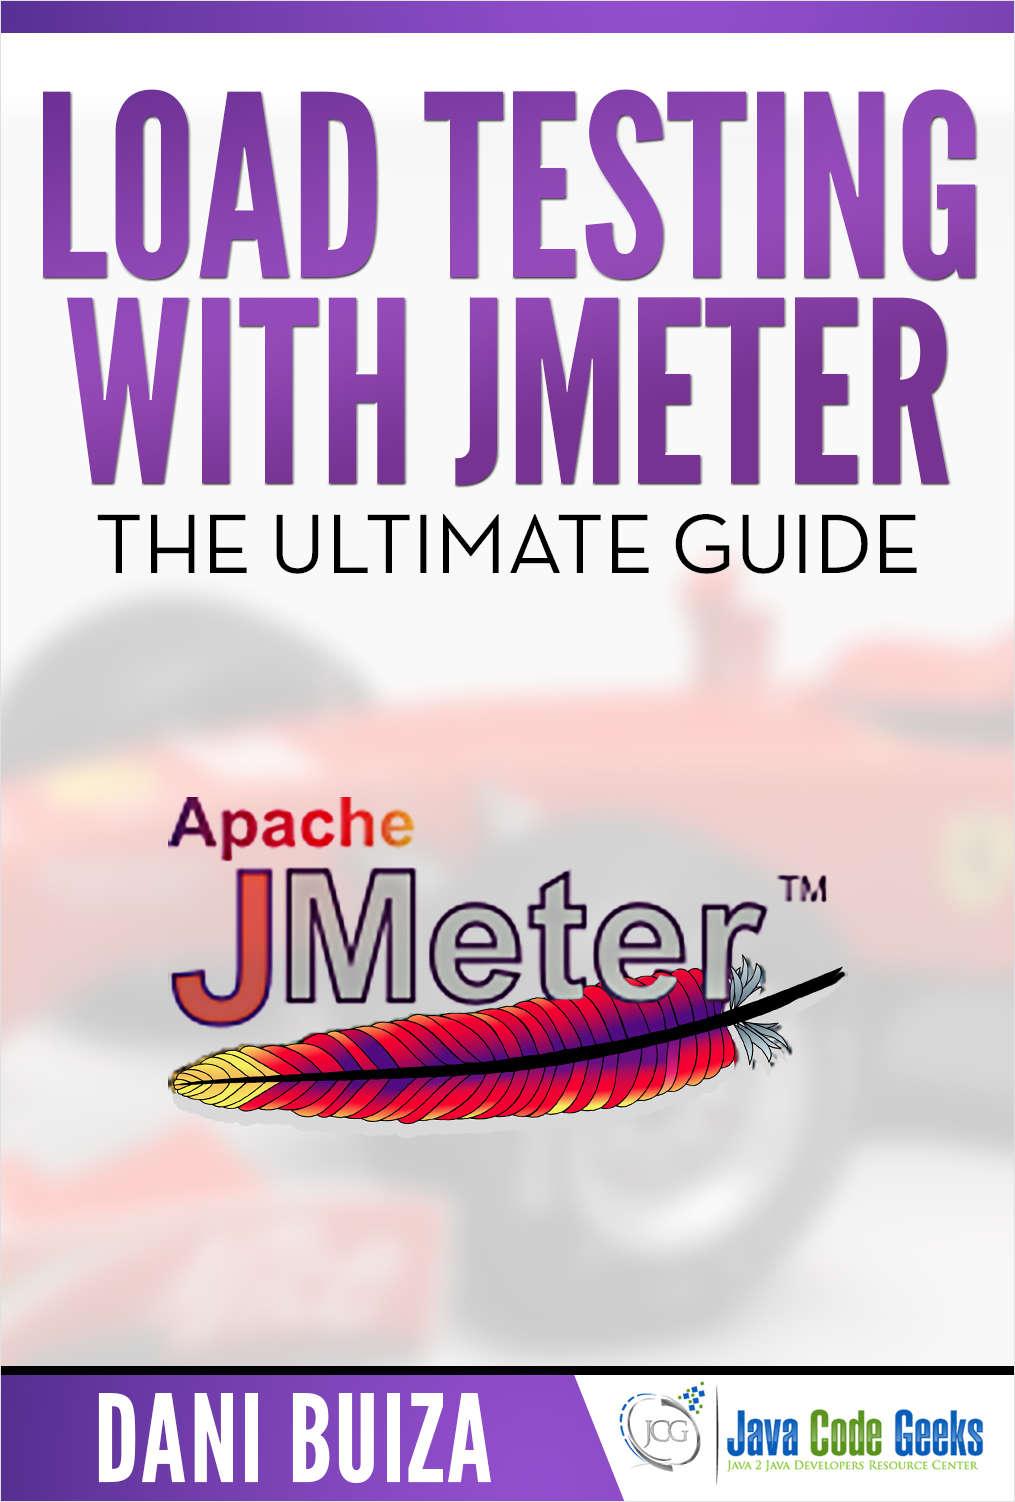 Jmeter tutorial free java code geeks guide baditri Gallery